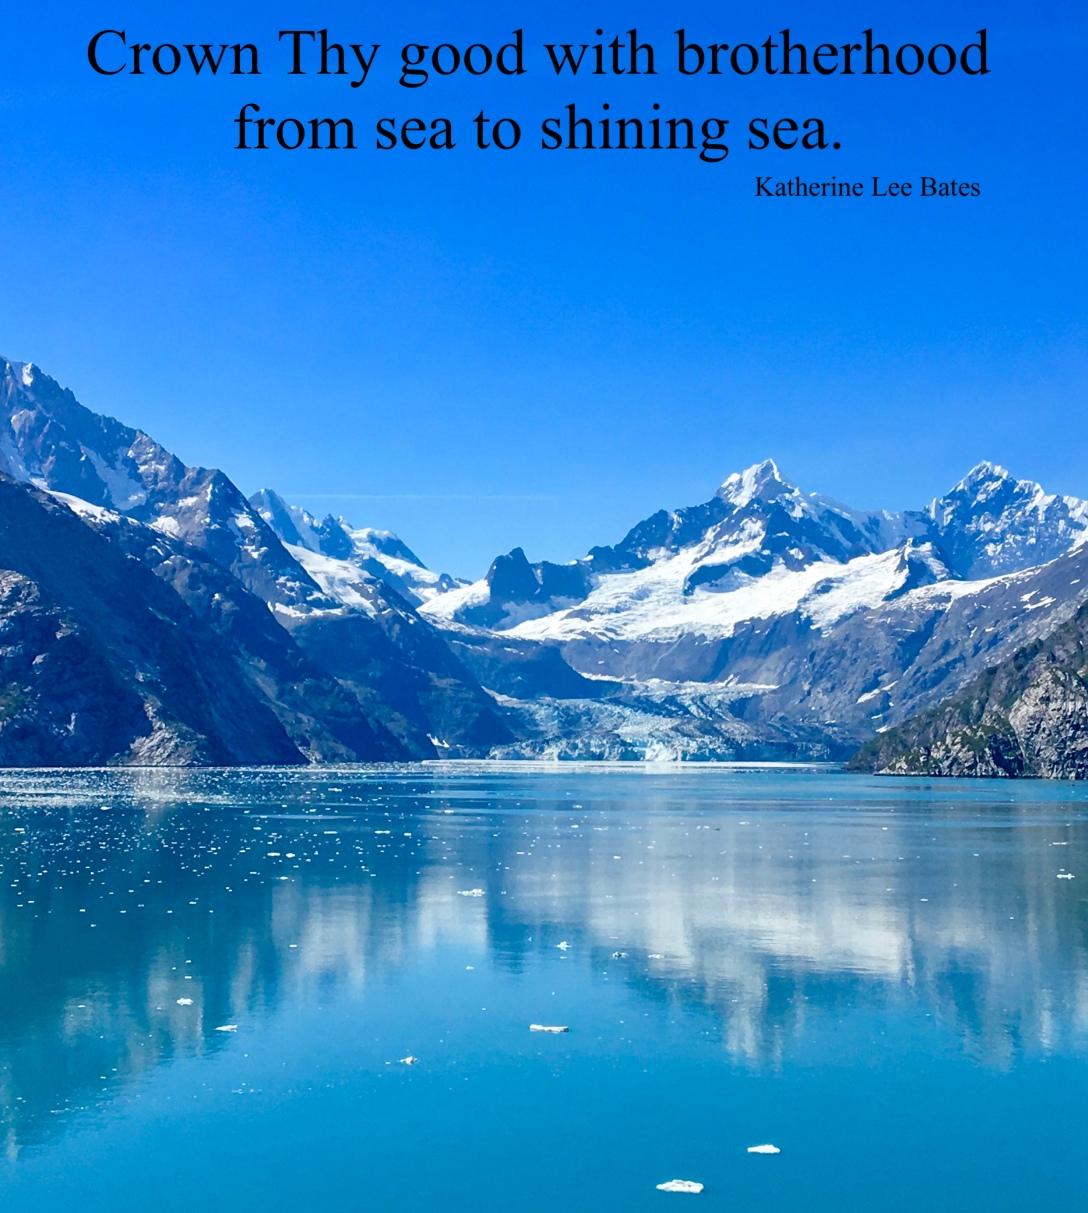 image of Glacier Bay in Alaska